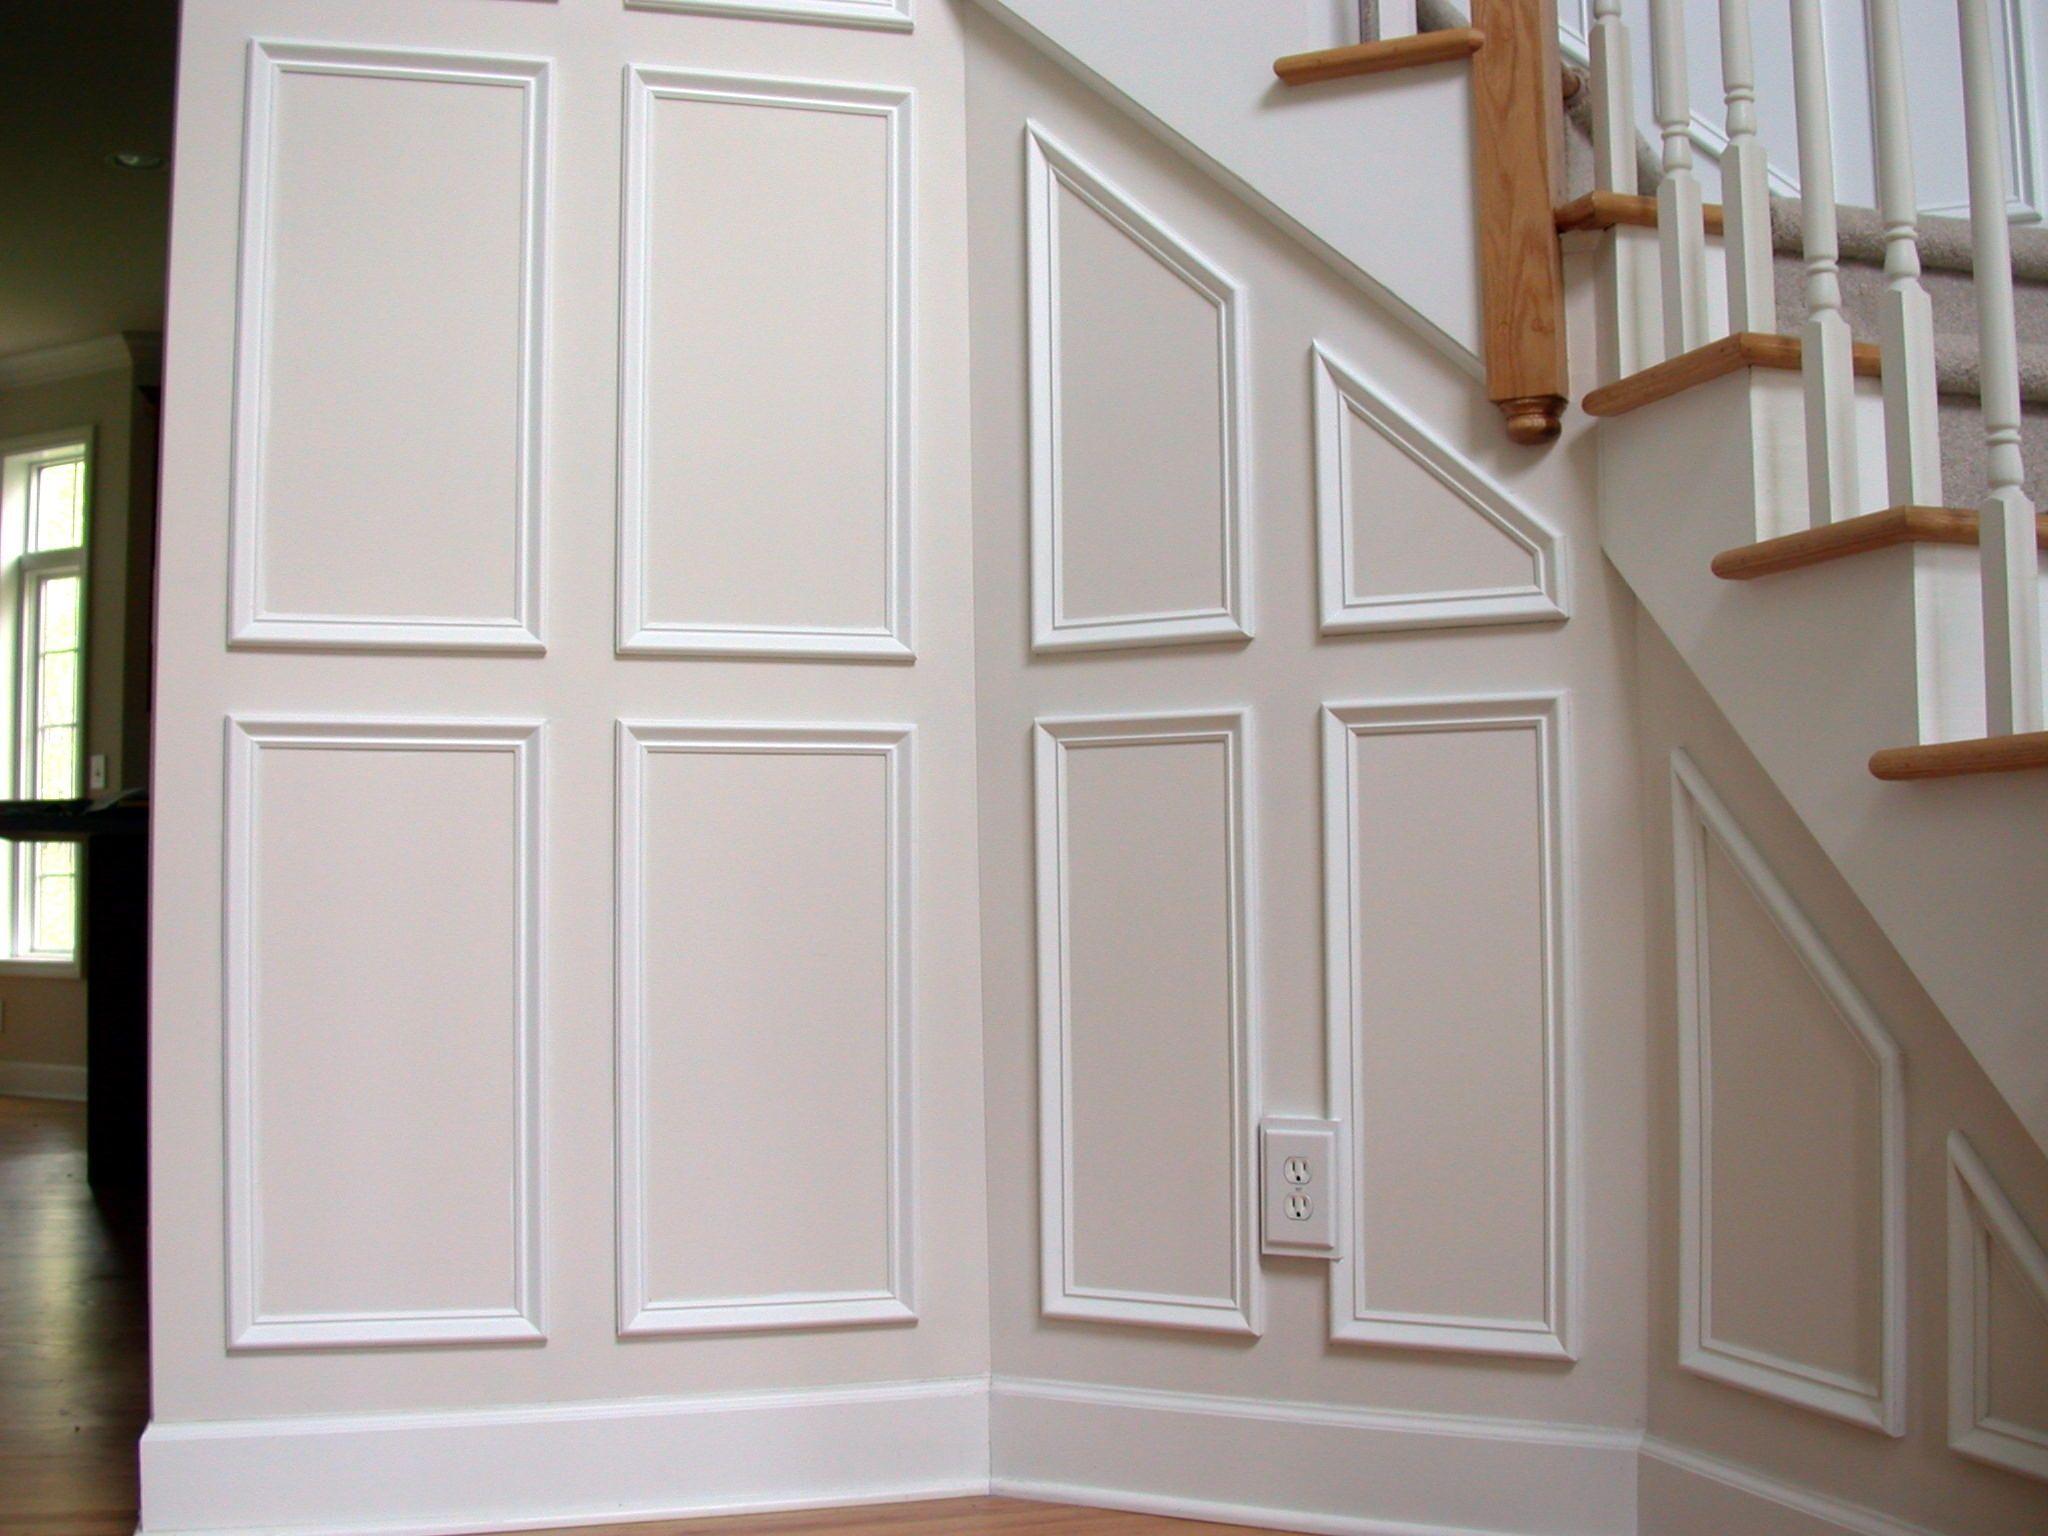 Wall Frame Molding Ideas | http://umadepa.com | Pinterest | Molding ...